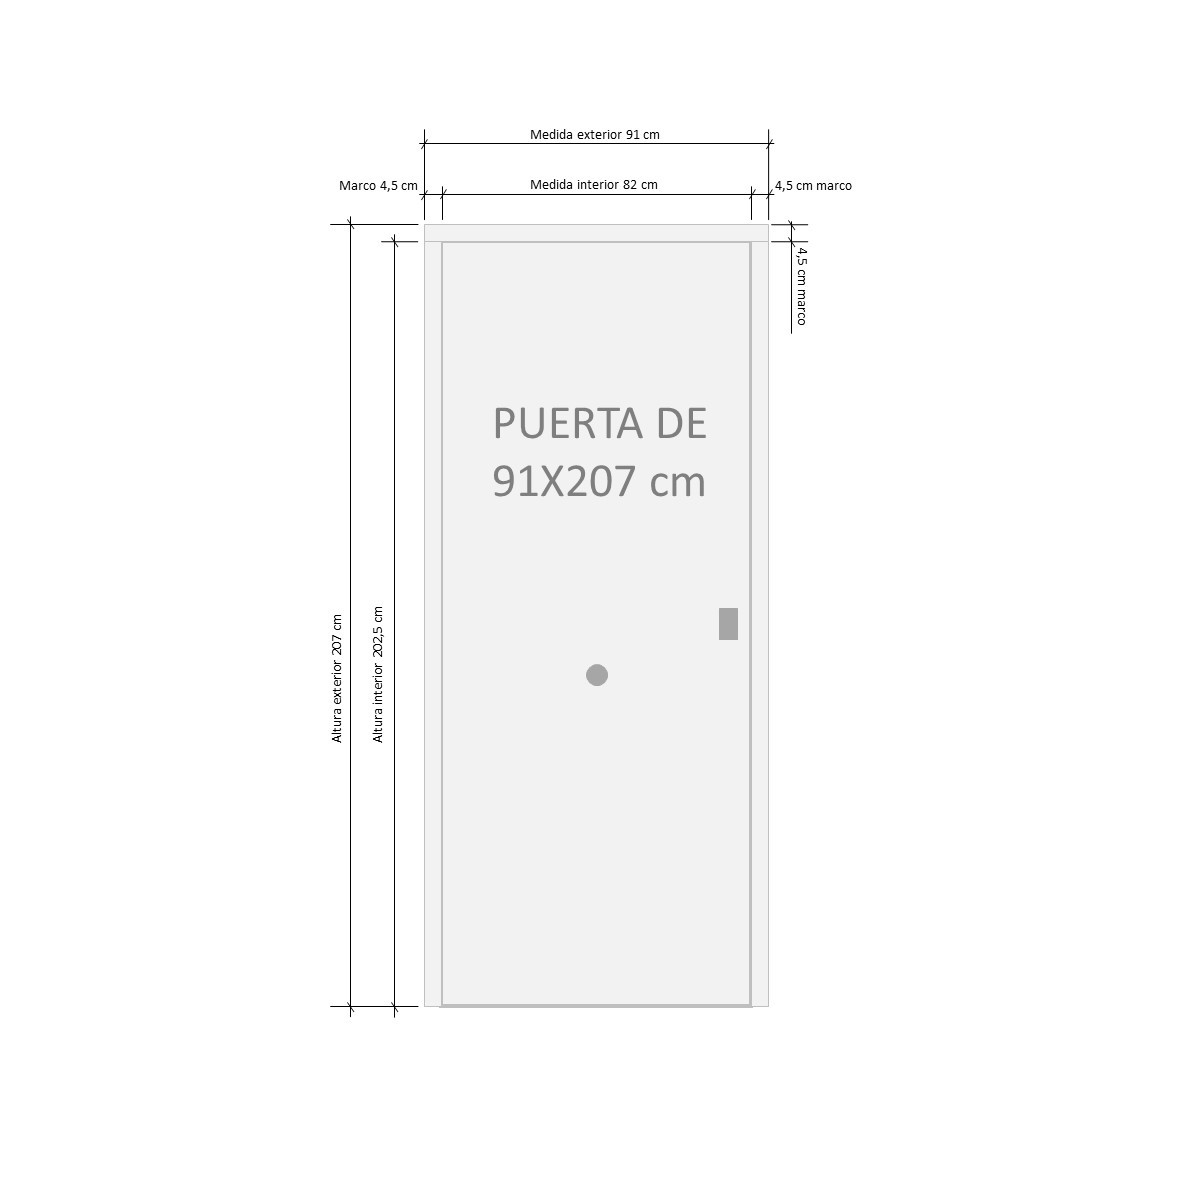 Puertas acorazadas Serie B4-BL Cearco Puerta acorazada Lisa online